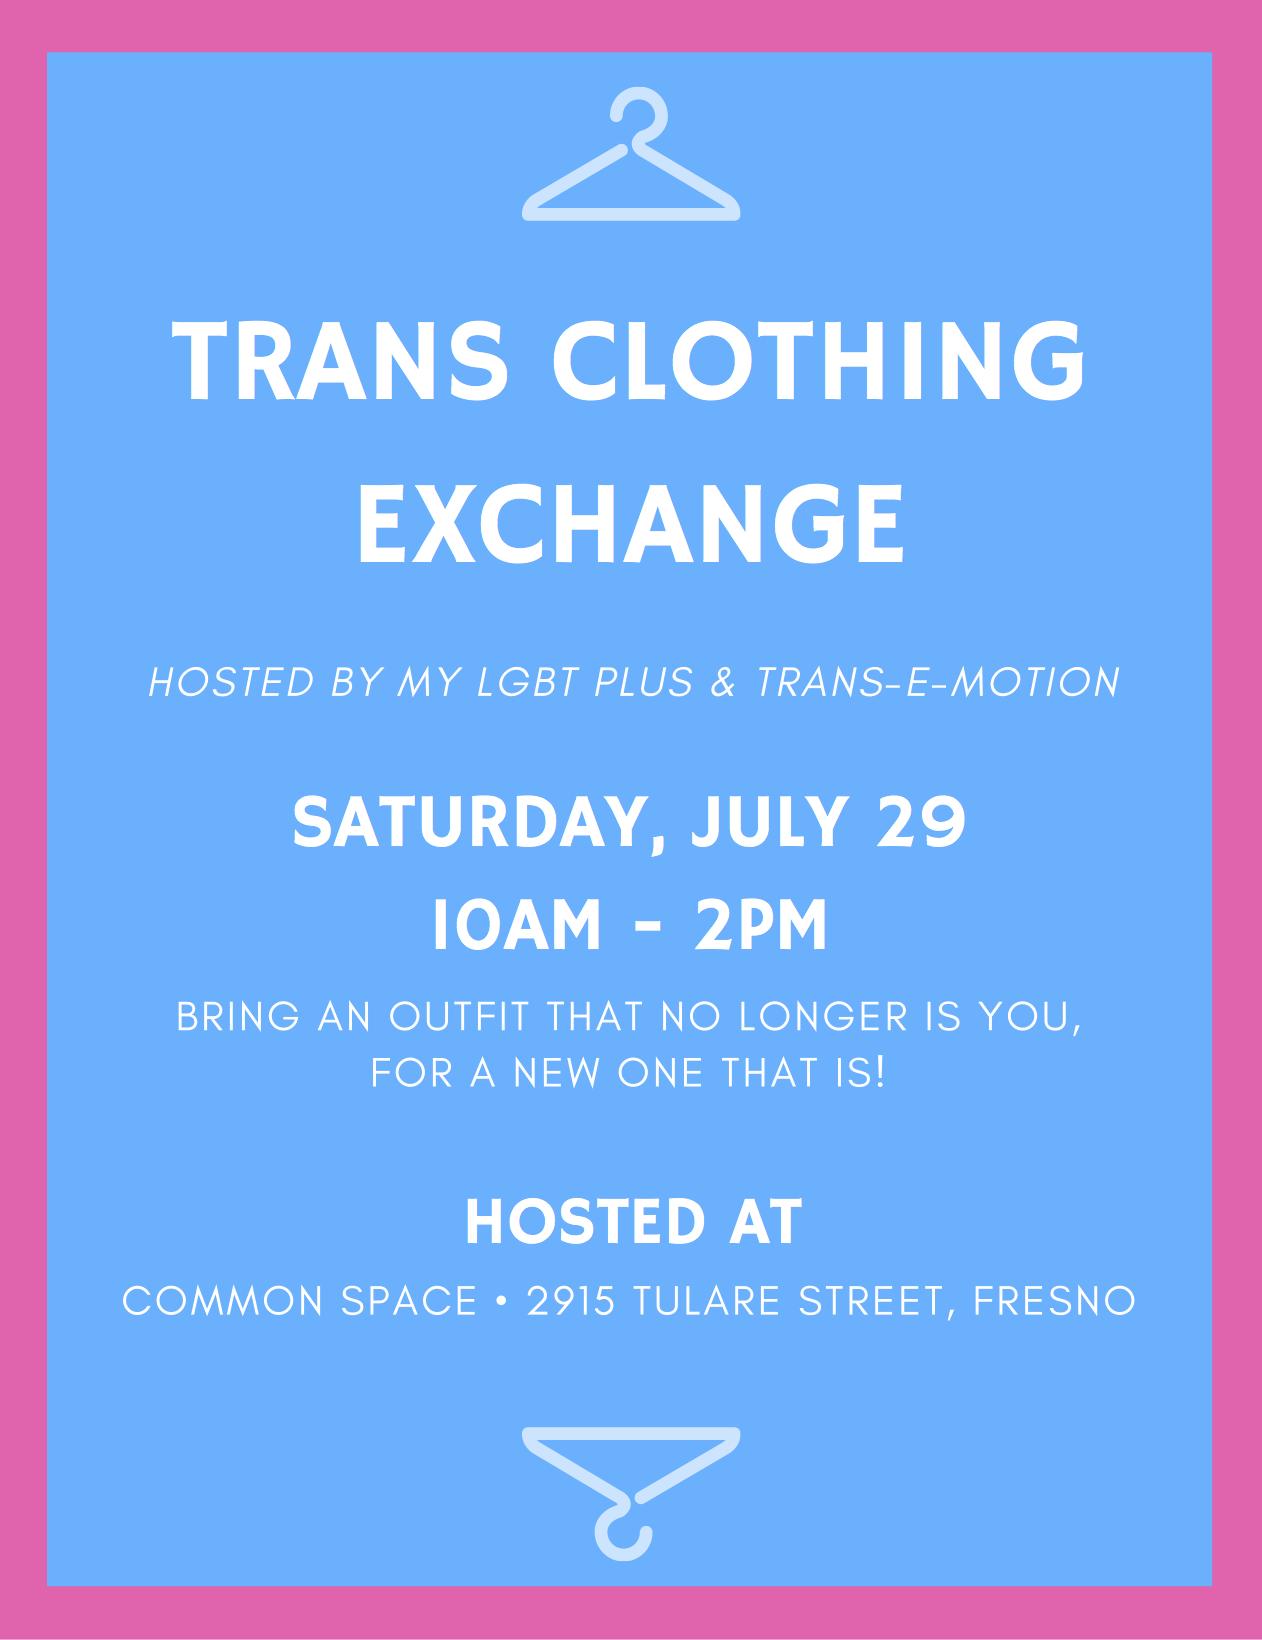 transgenderclothing exchange(2).png